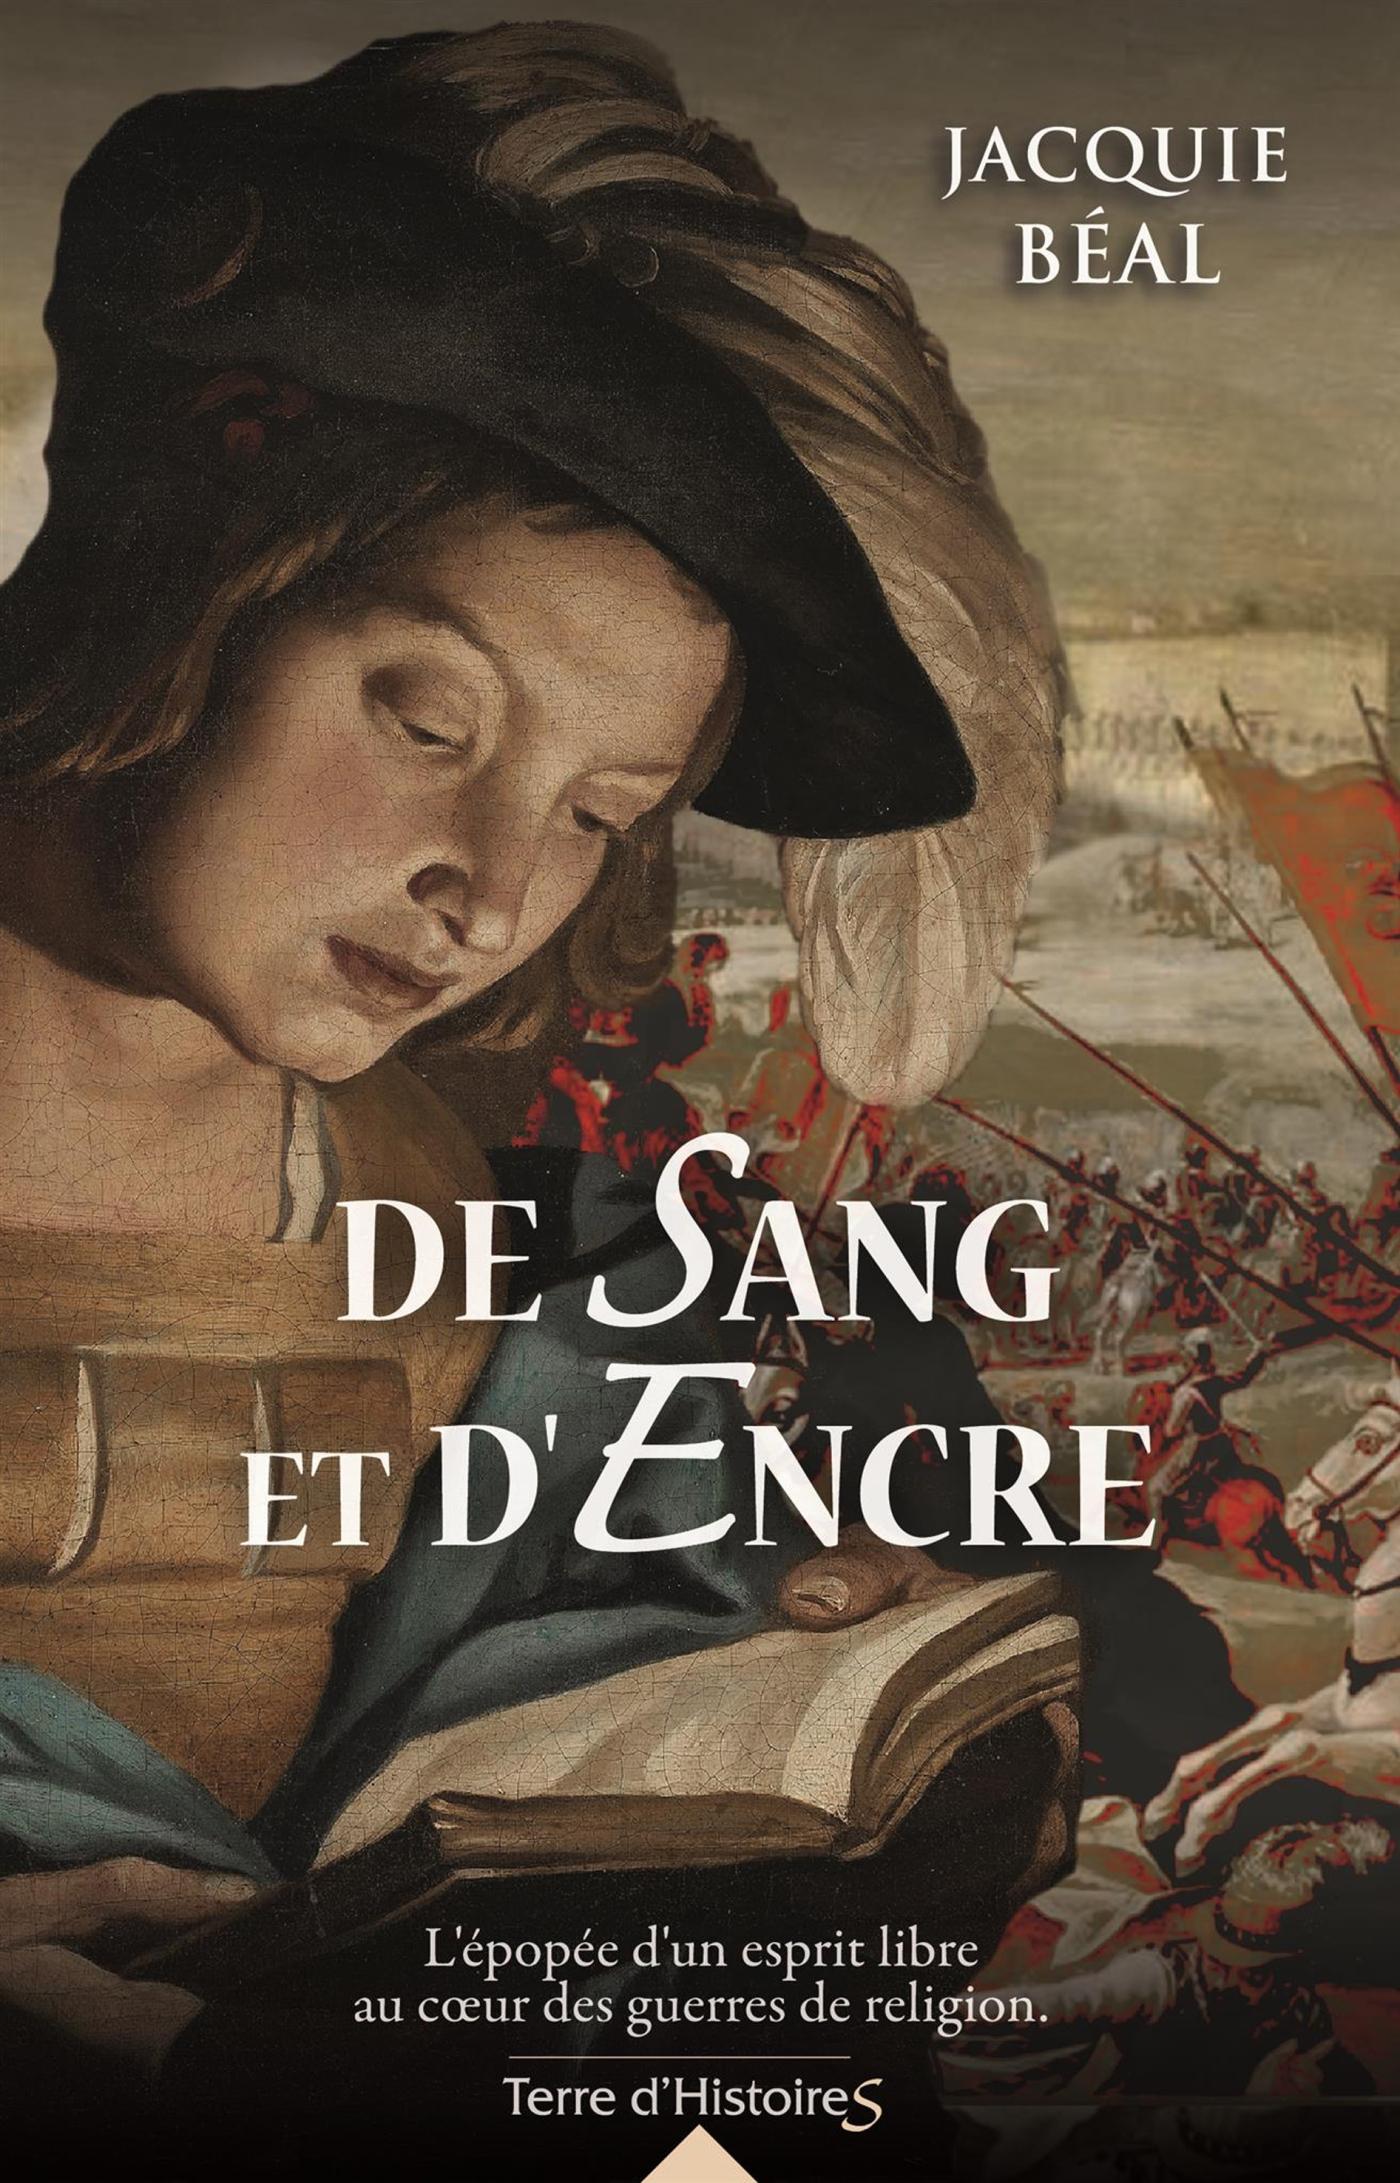 DE SANG ET D'ENCRE